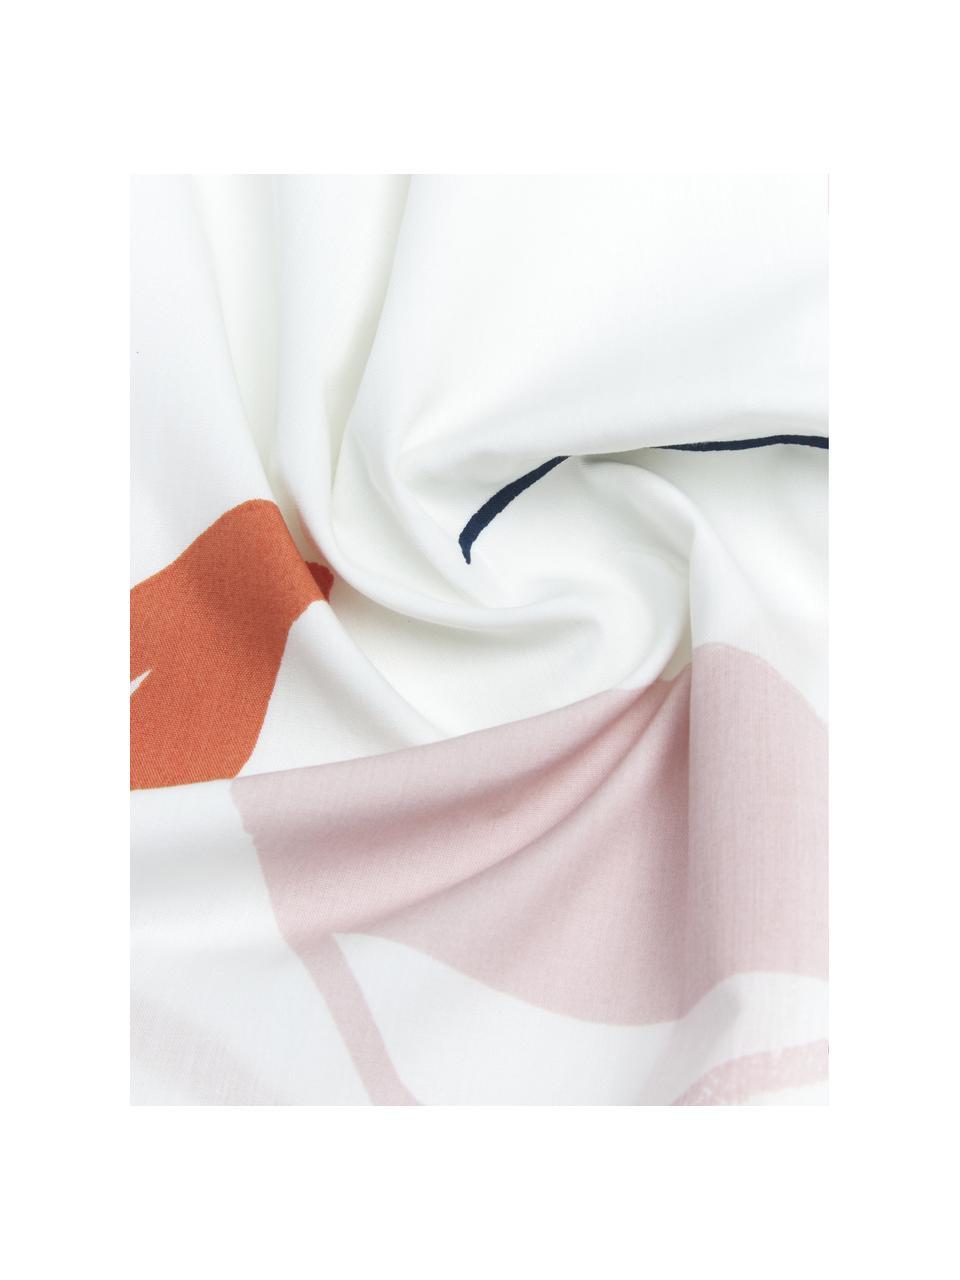 Pościel z perkalu Dazy, Biały, wielobarwny, 240 x 220 cm + 2 poduszki 80 x 80 cm